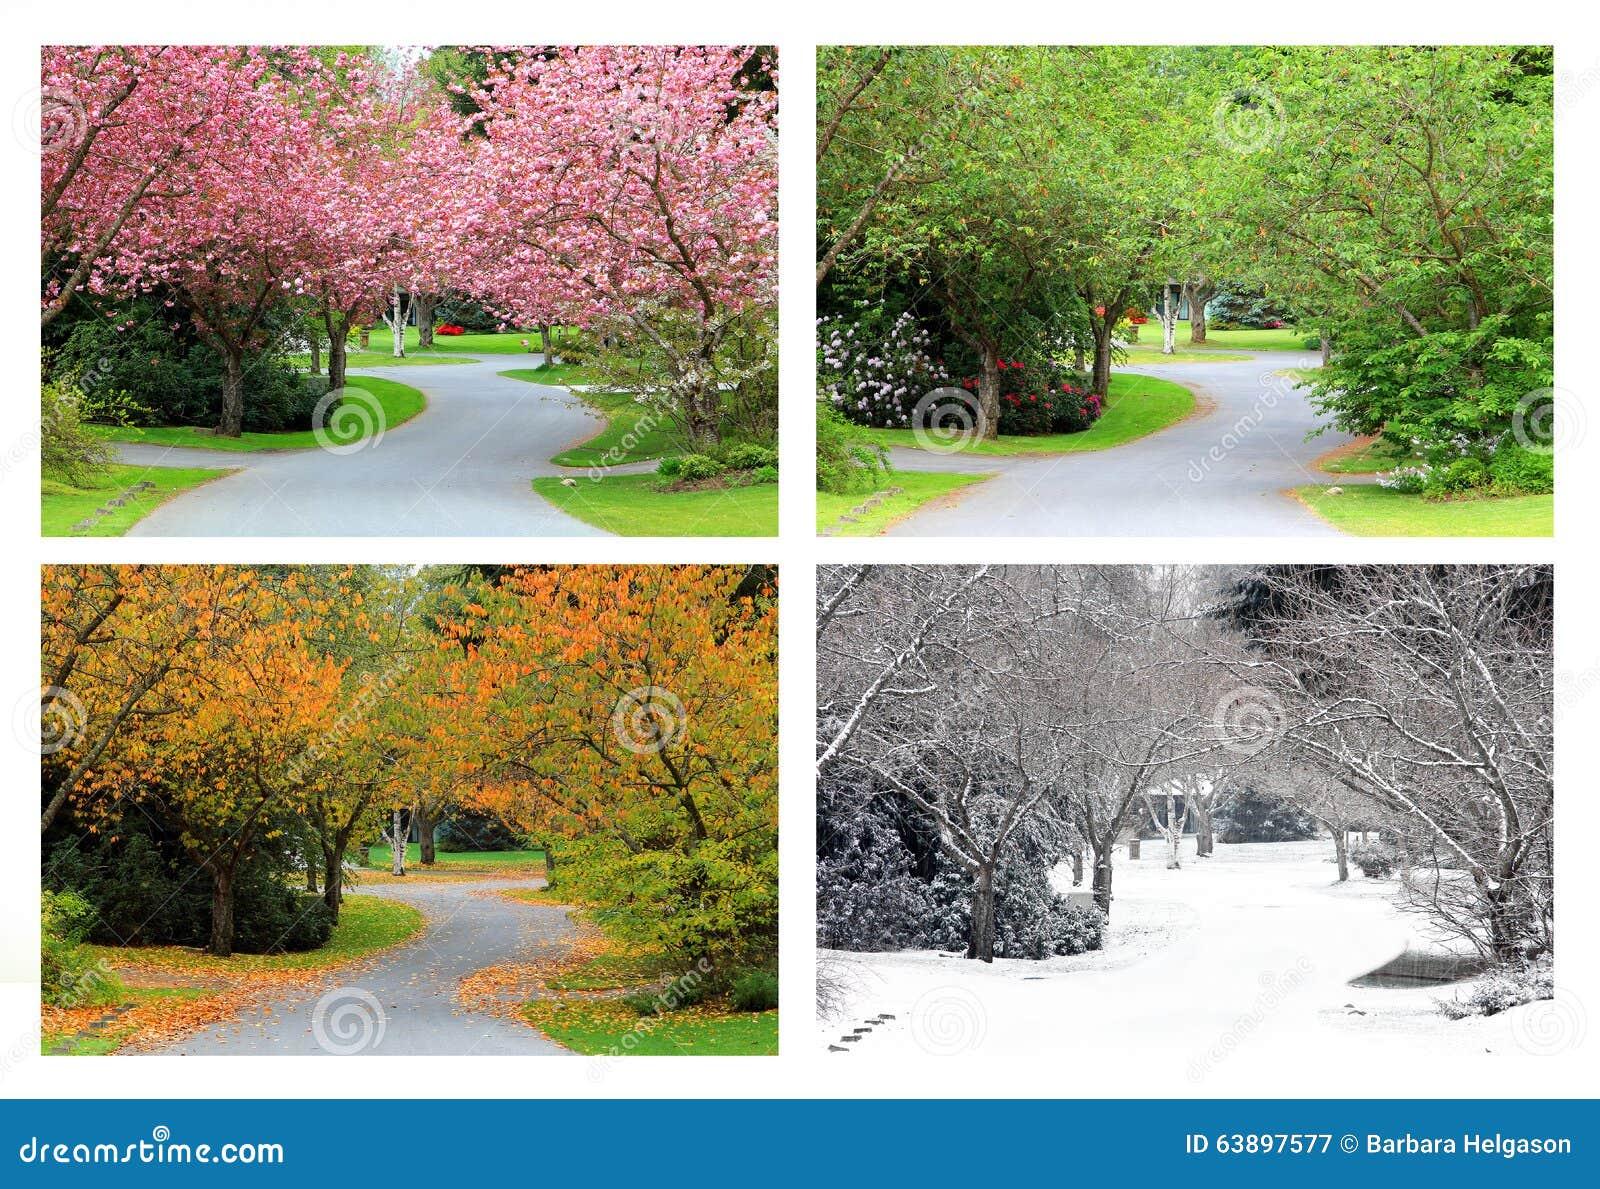 樱桃树的四个季节在同一条街道上的